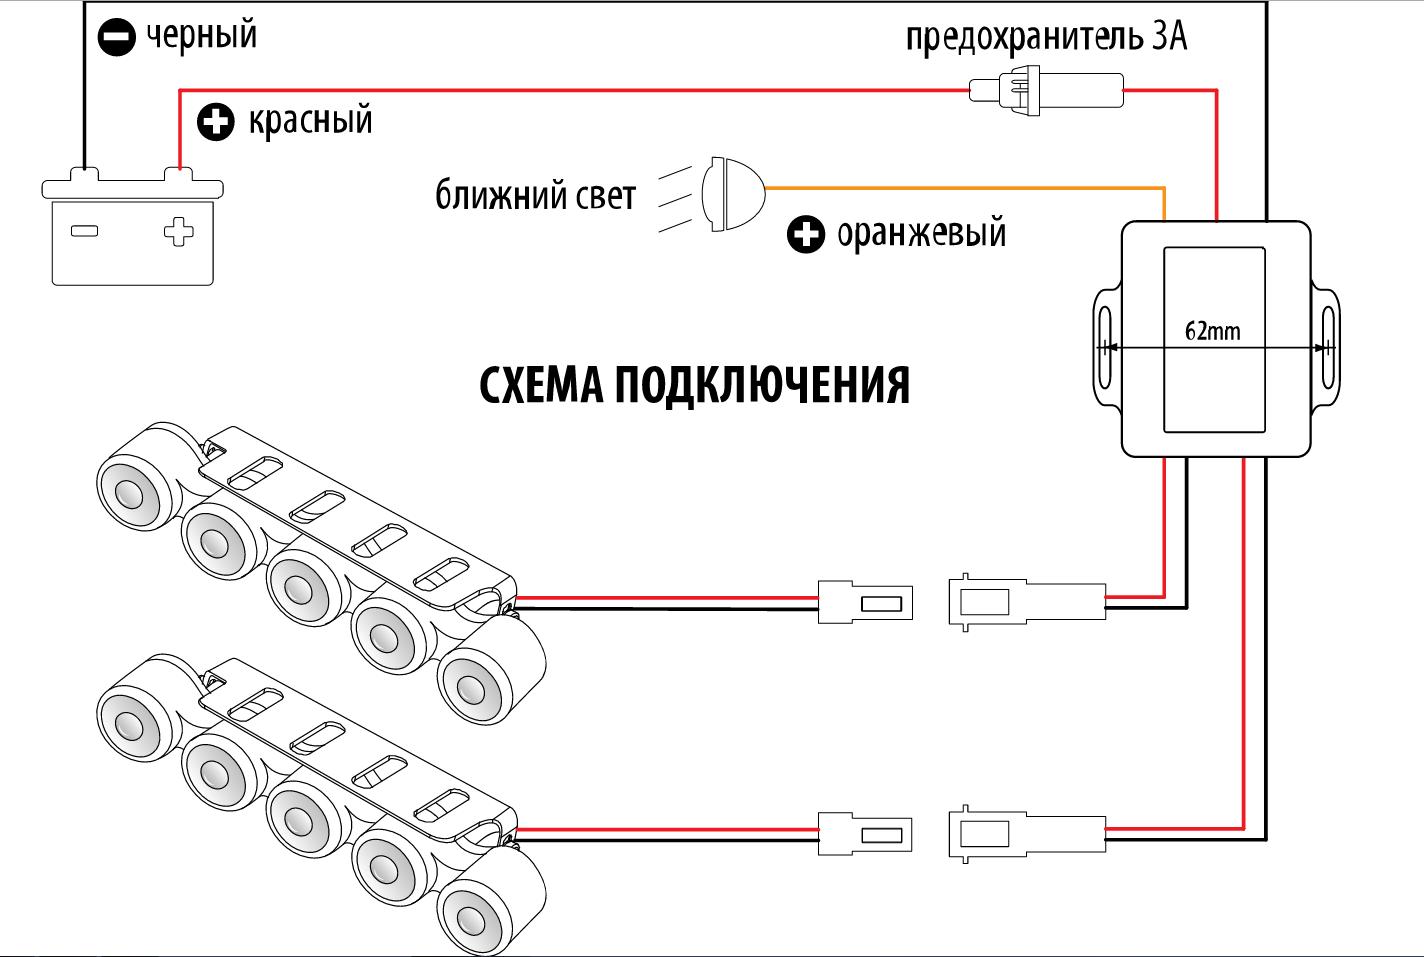 Ходовые огни на авто своими руками схема подключения 566